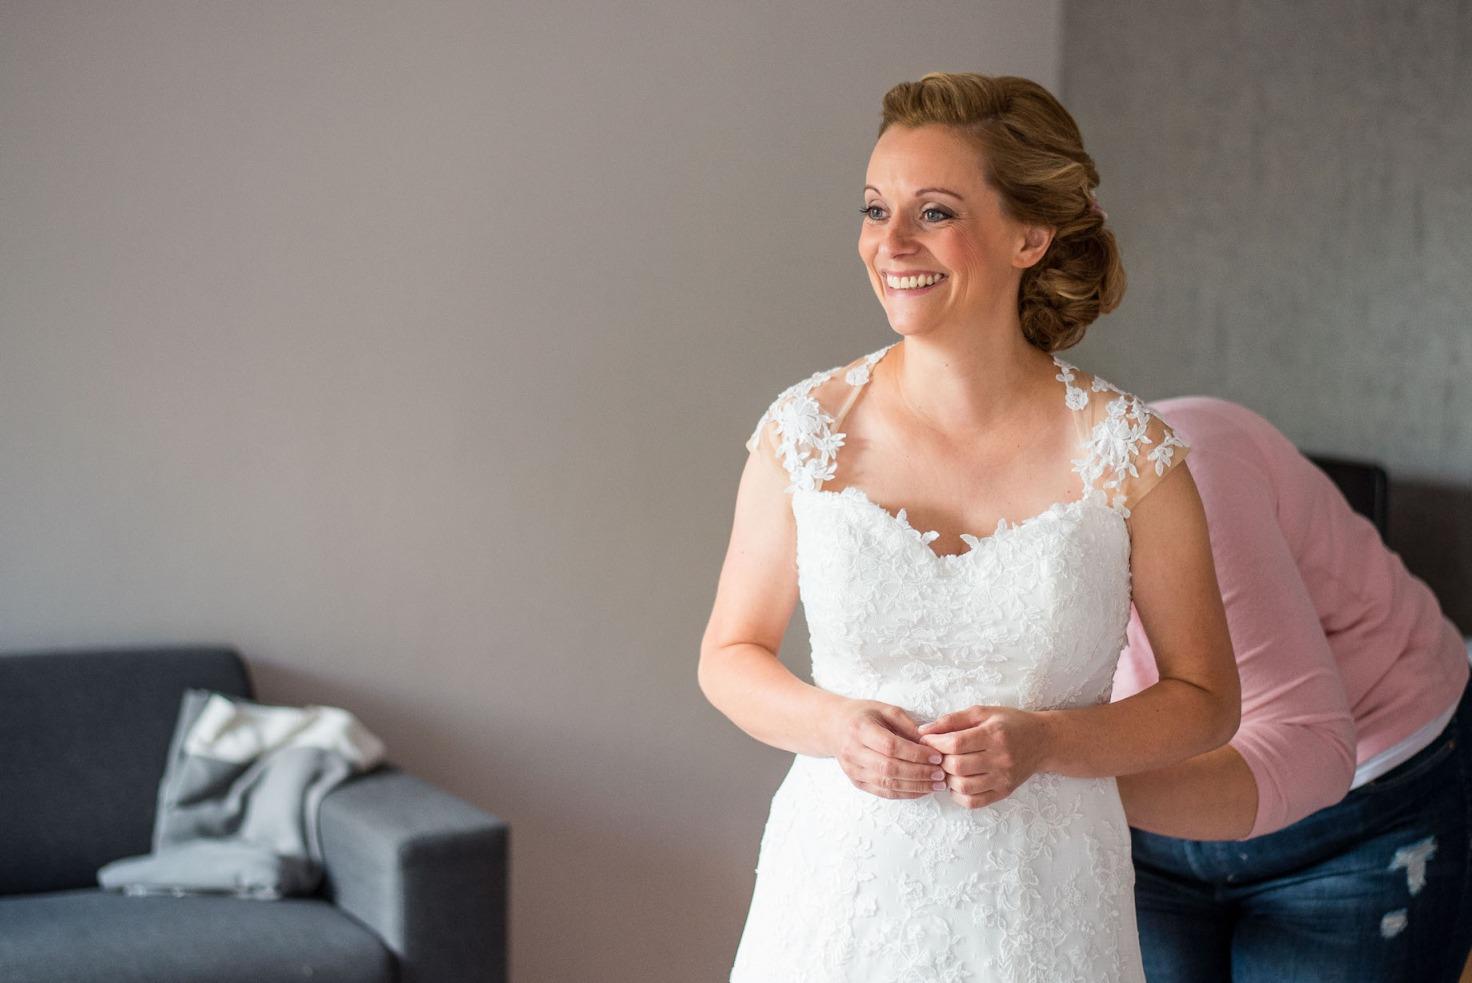 Hochzeitsfotograf Münster - Brautfoto im Brautkleid